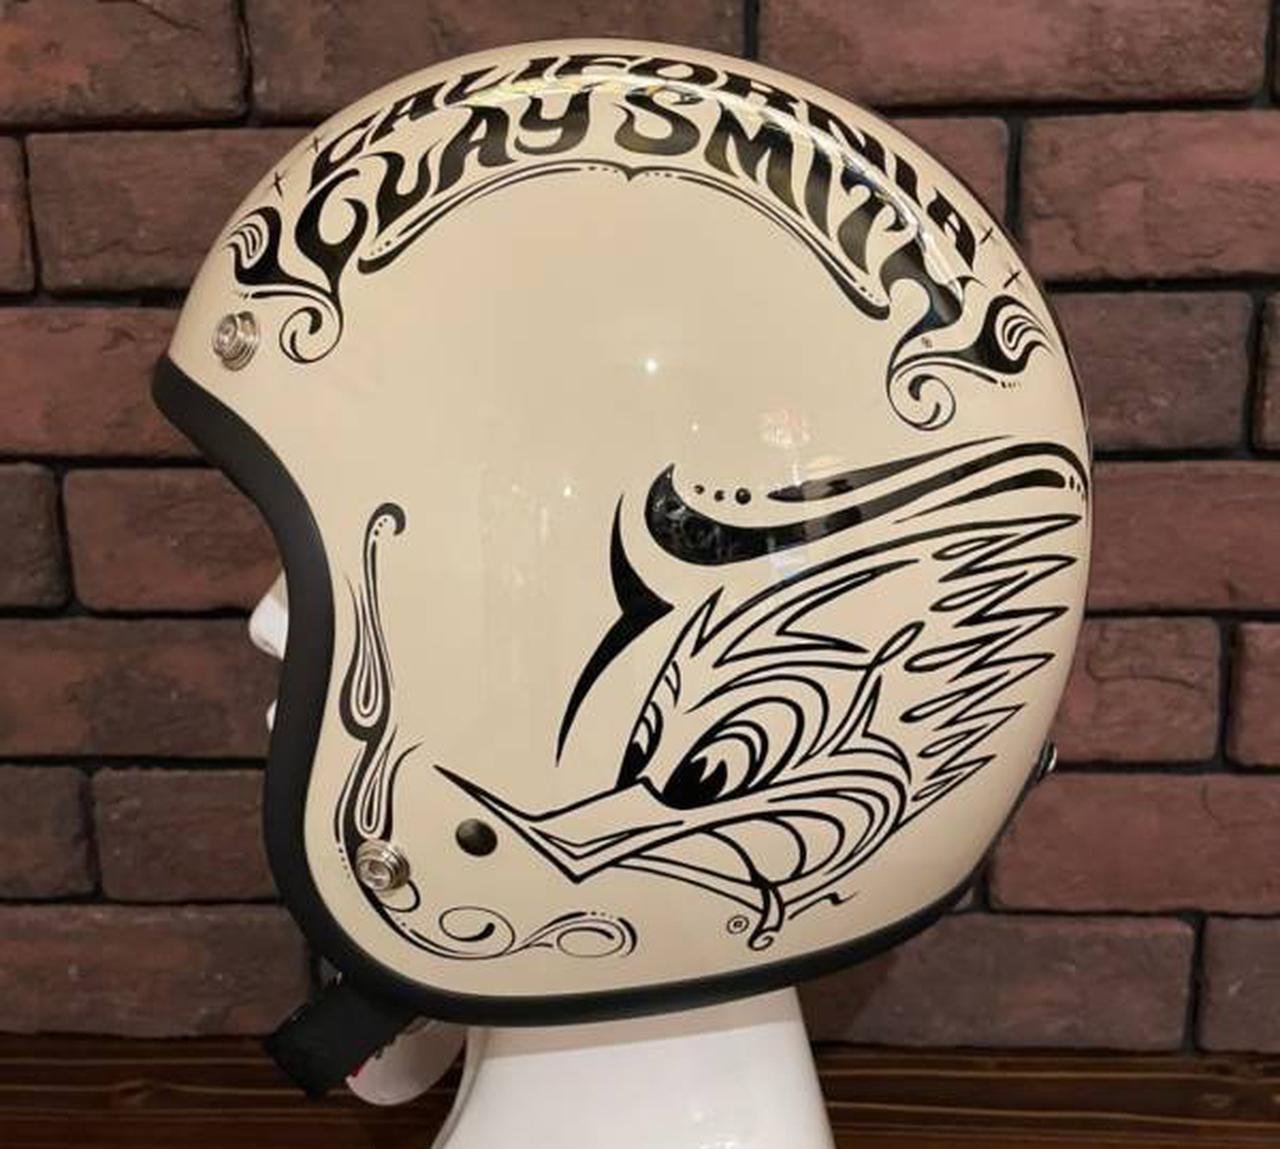 画像1: クレイスミスのアジア限定ヘルメットが登場! カラーは2色で展開